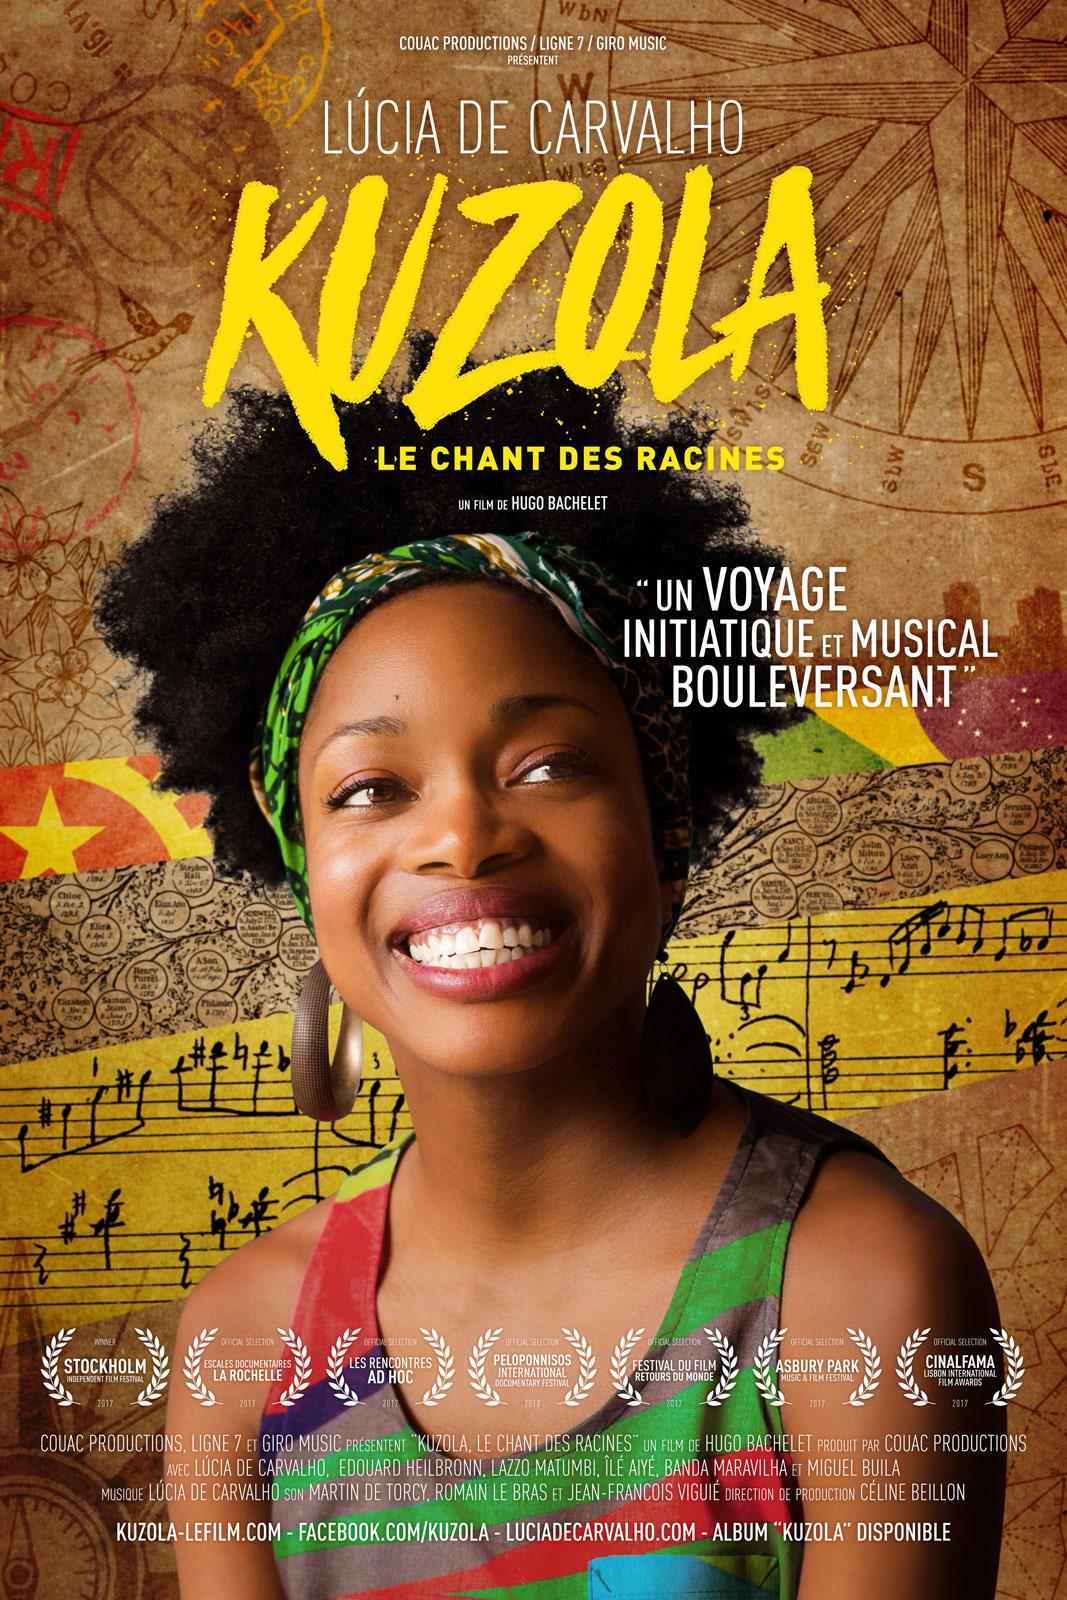 Kuzola, le chant des racines